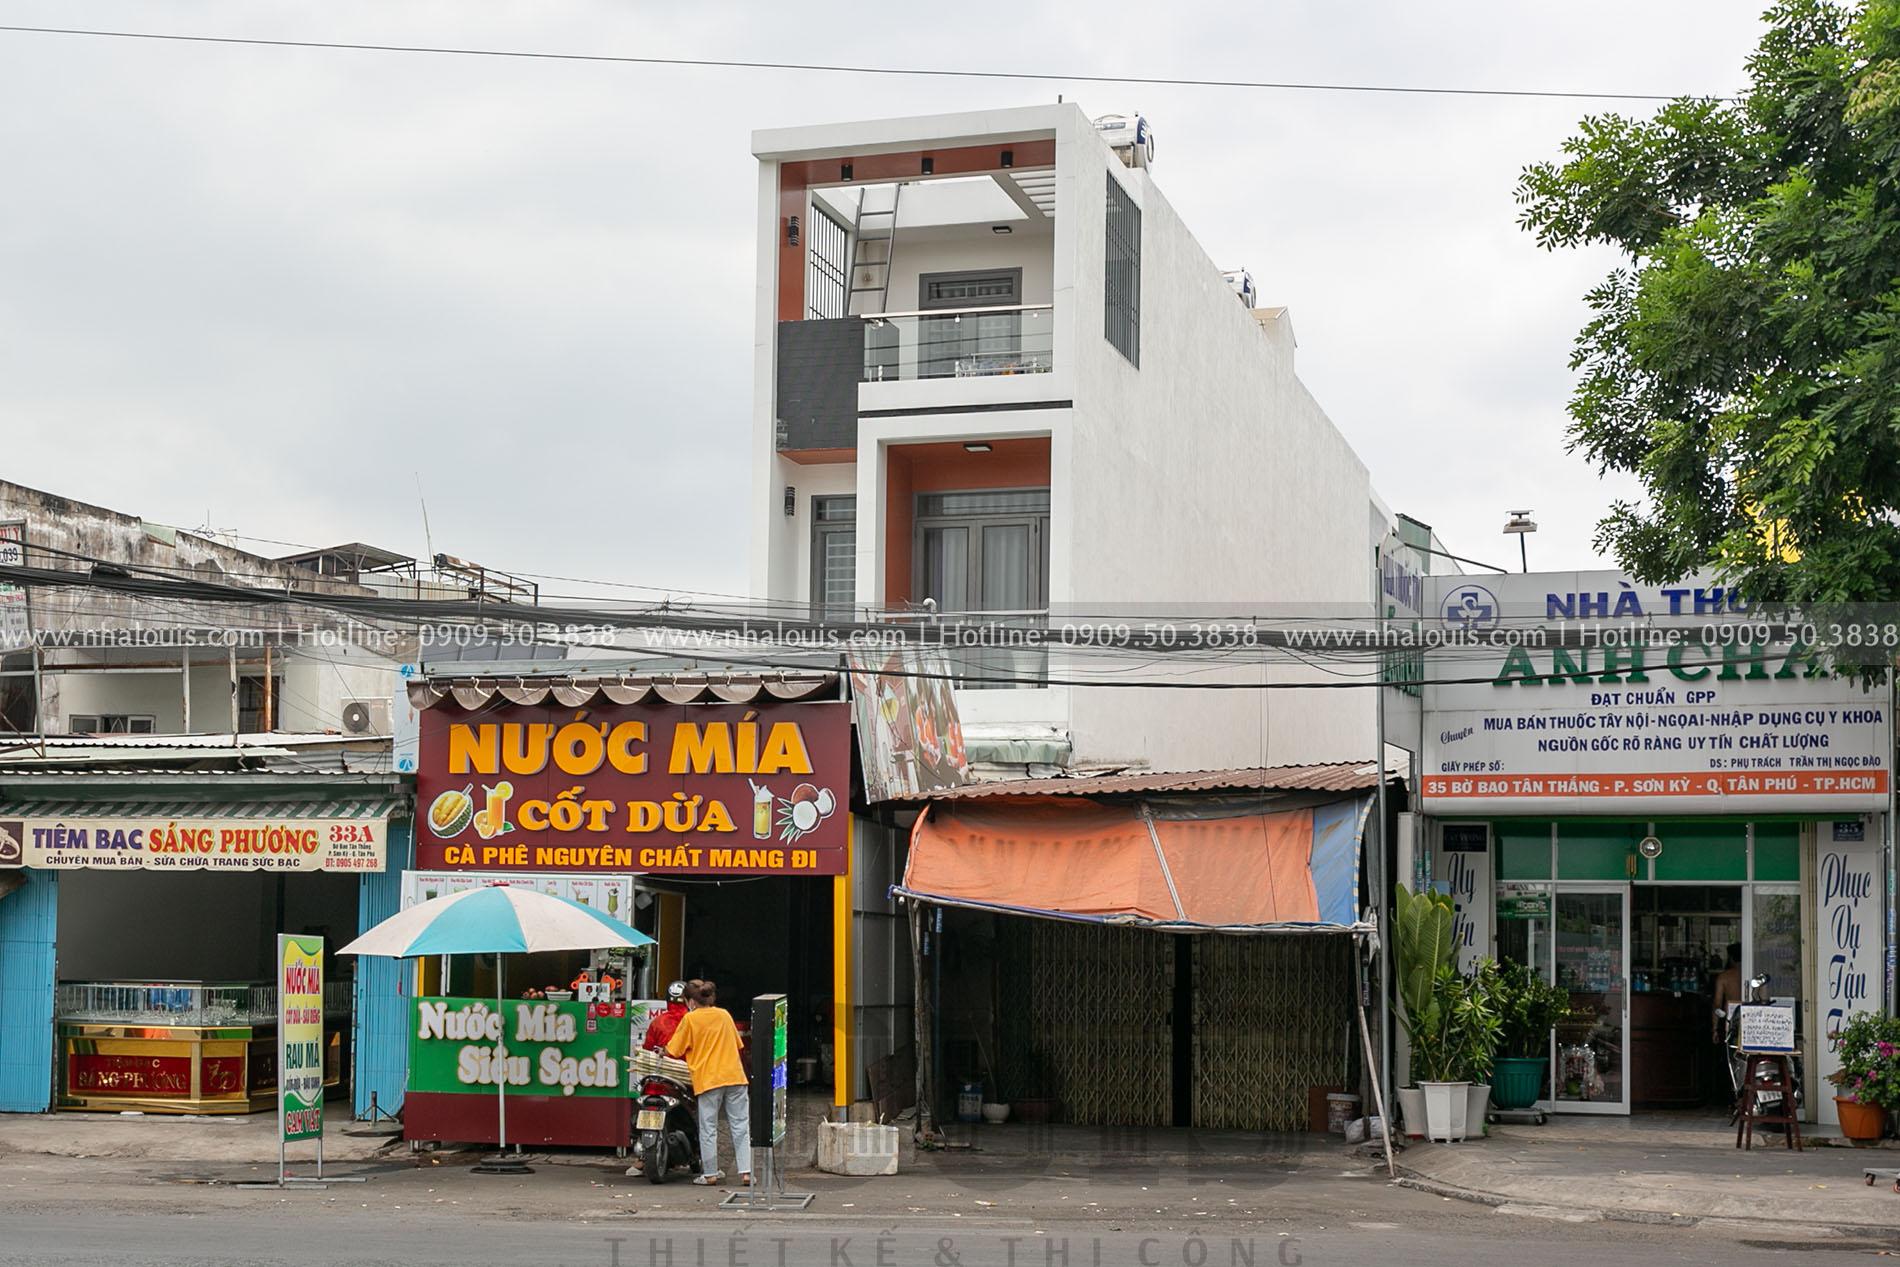 Hình ảnh mặt tiền mẫu nhà phố 3 tầng hiện đại tại Tân Phú